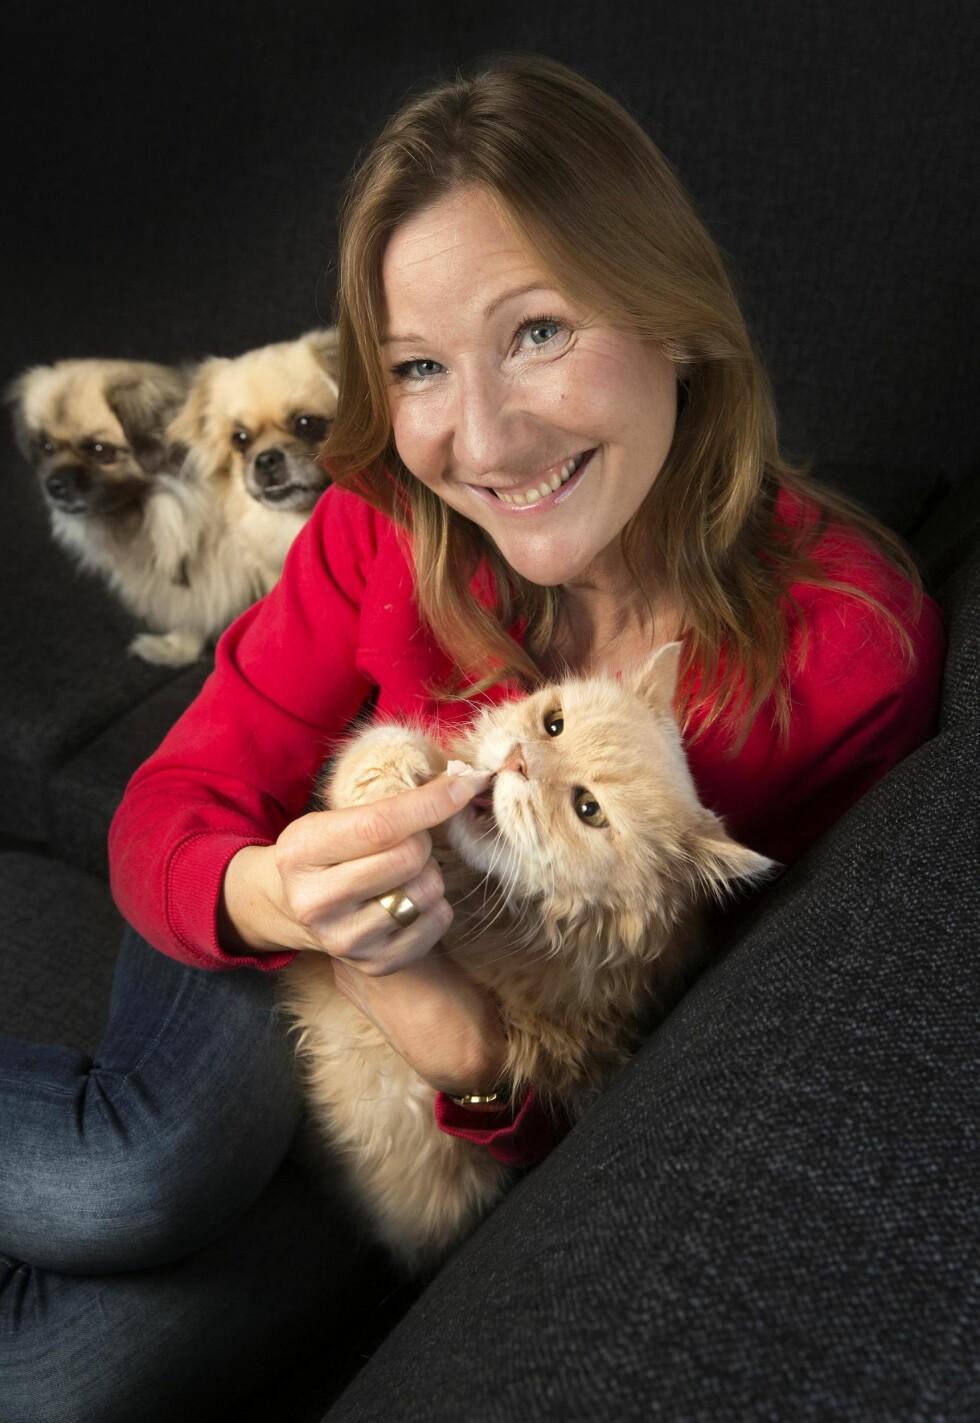 HJEMMEKOS: Petter VI legger seg ofte i fanget til Renate.  – Hundene Wanda og Camaro kommer godt overens med Petter VI, sier matmor Renate. Foto: Sverre Chr. Jarild